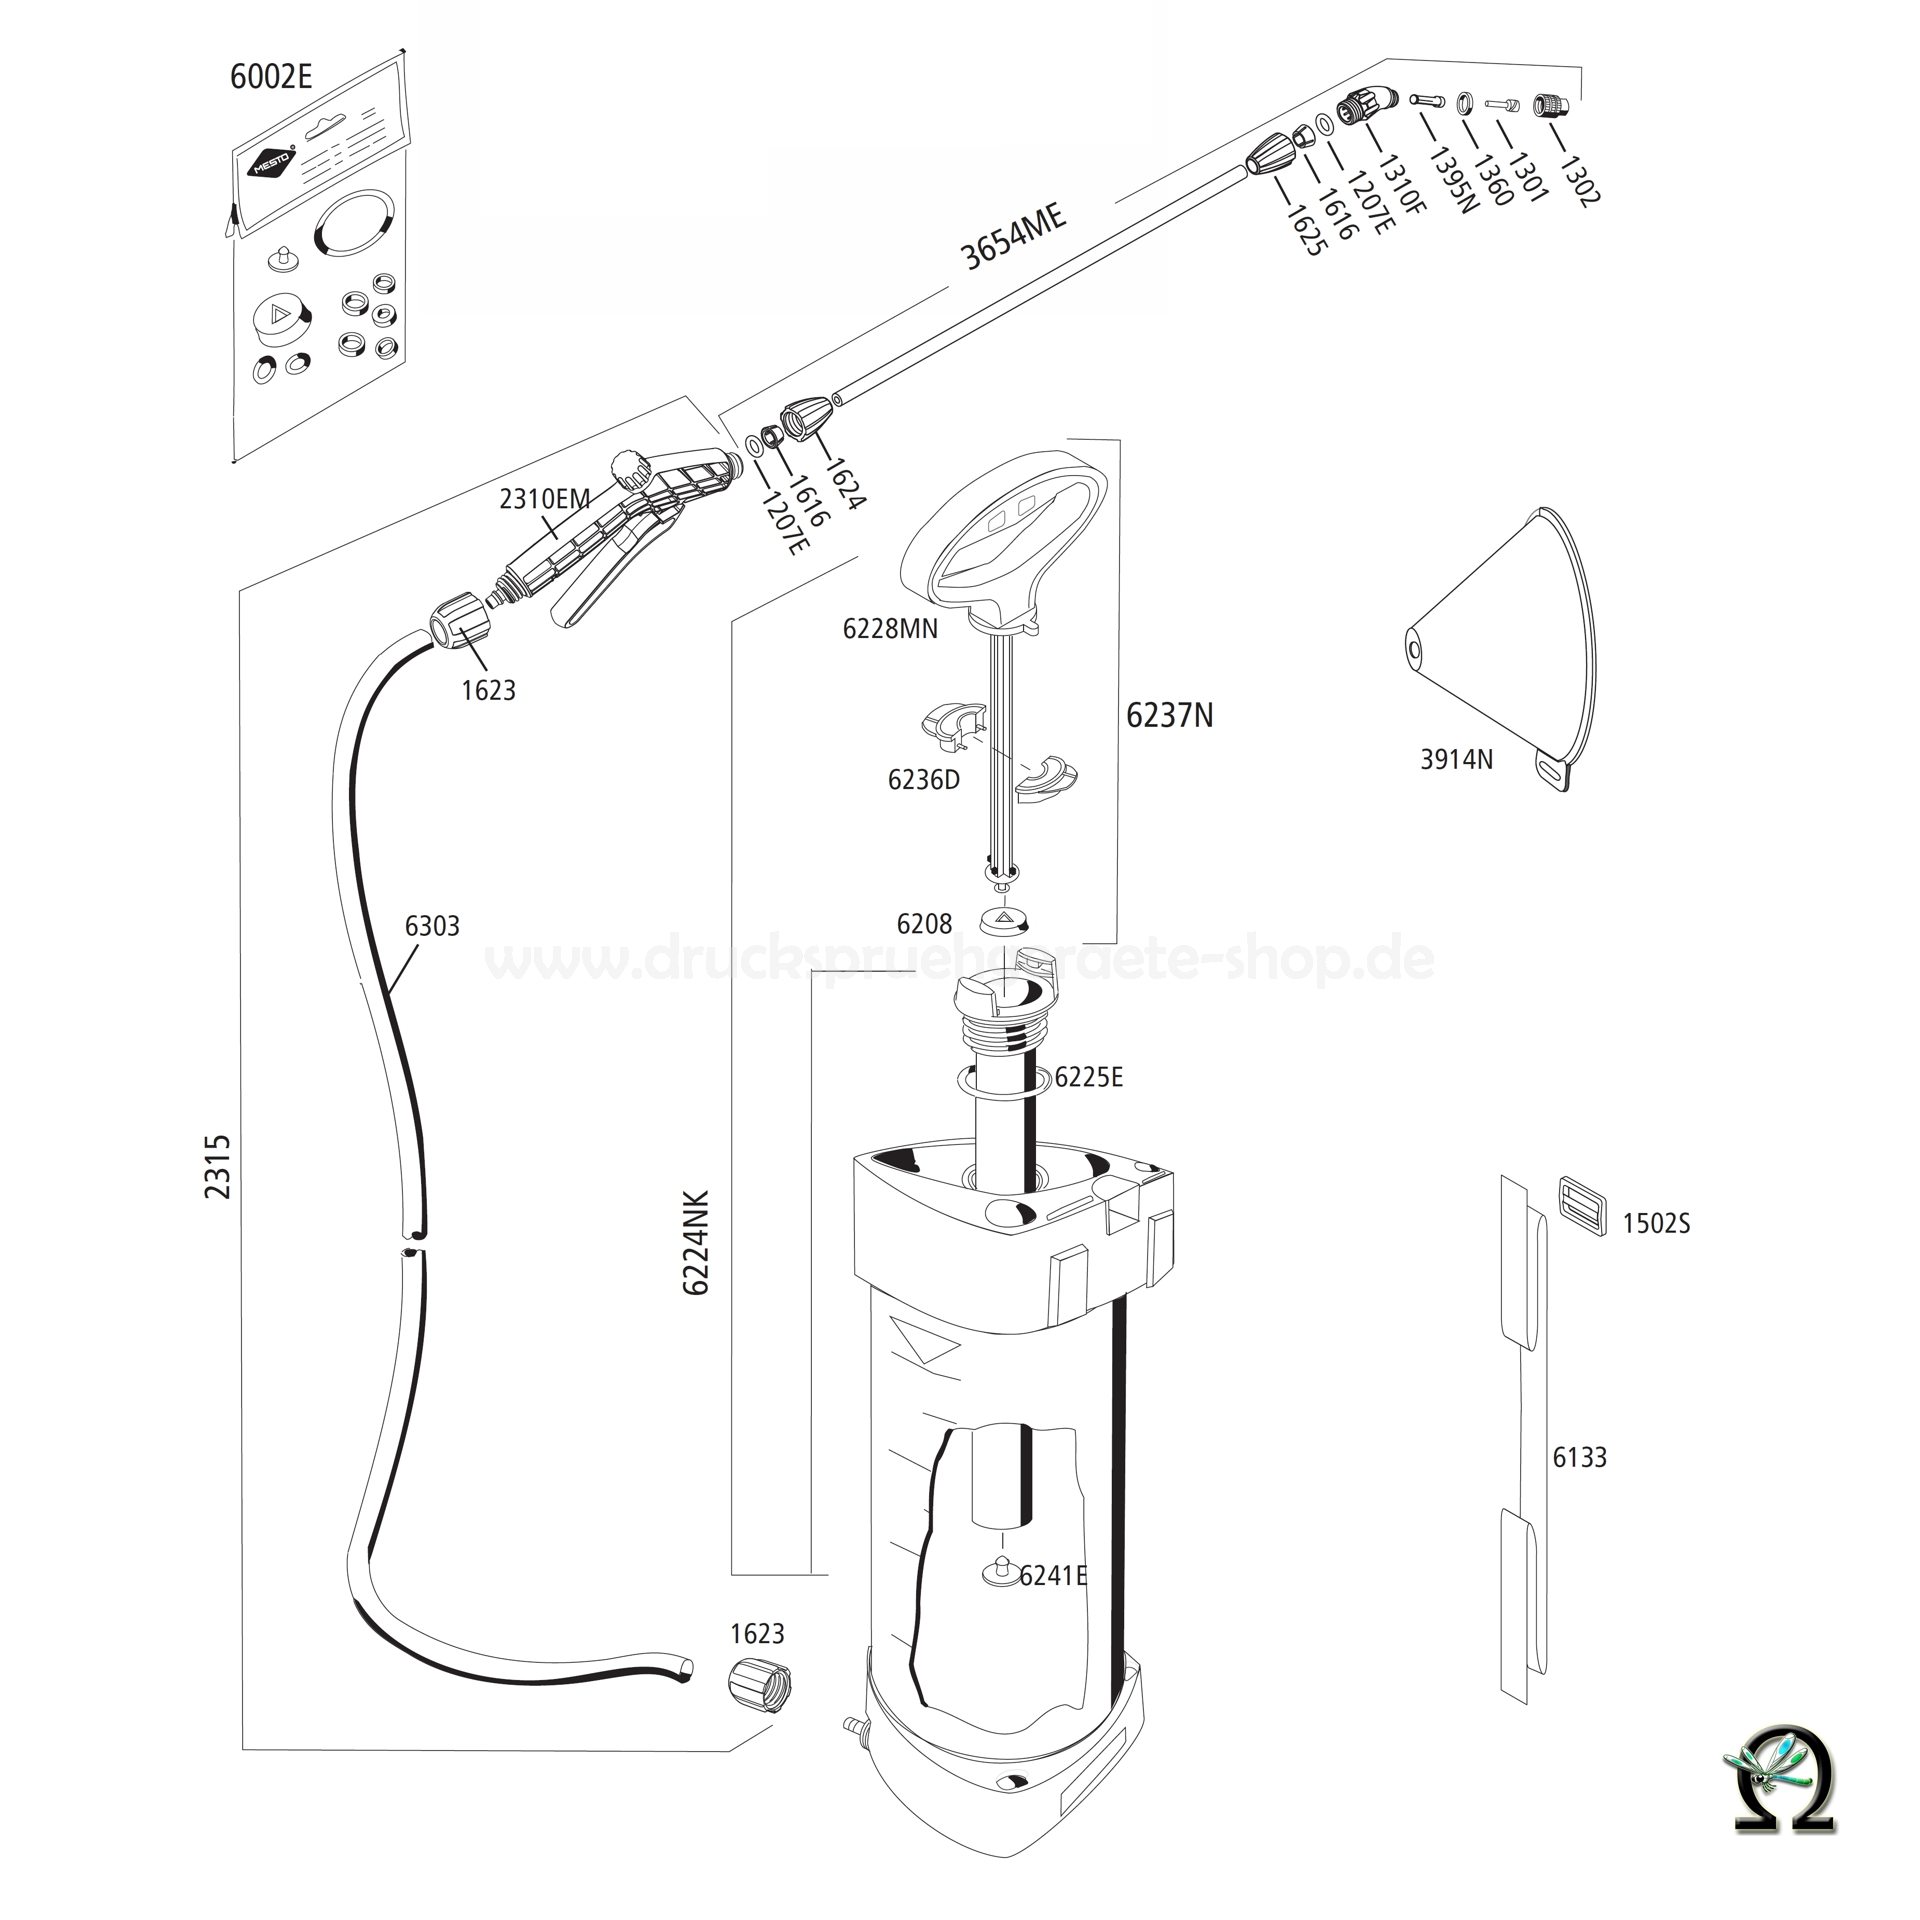 MESTO Drucksprühgerät 3232EM Zeichnung der Einzelteile